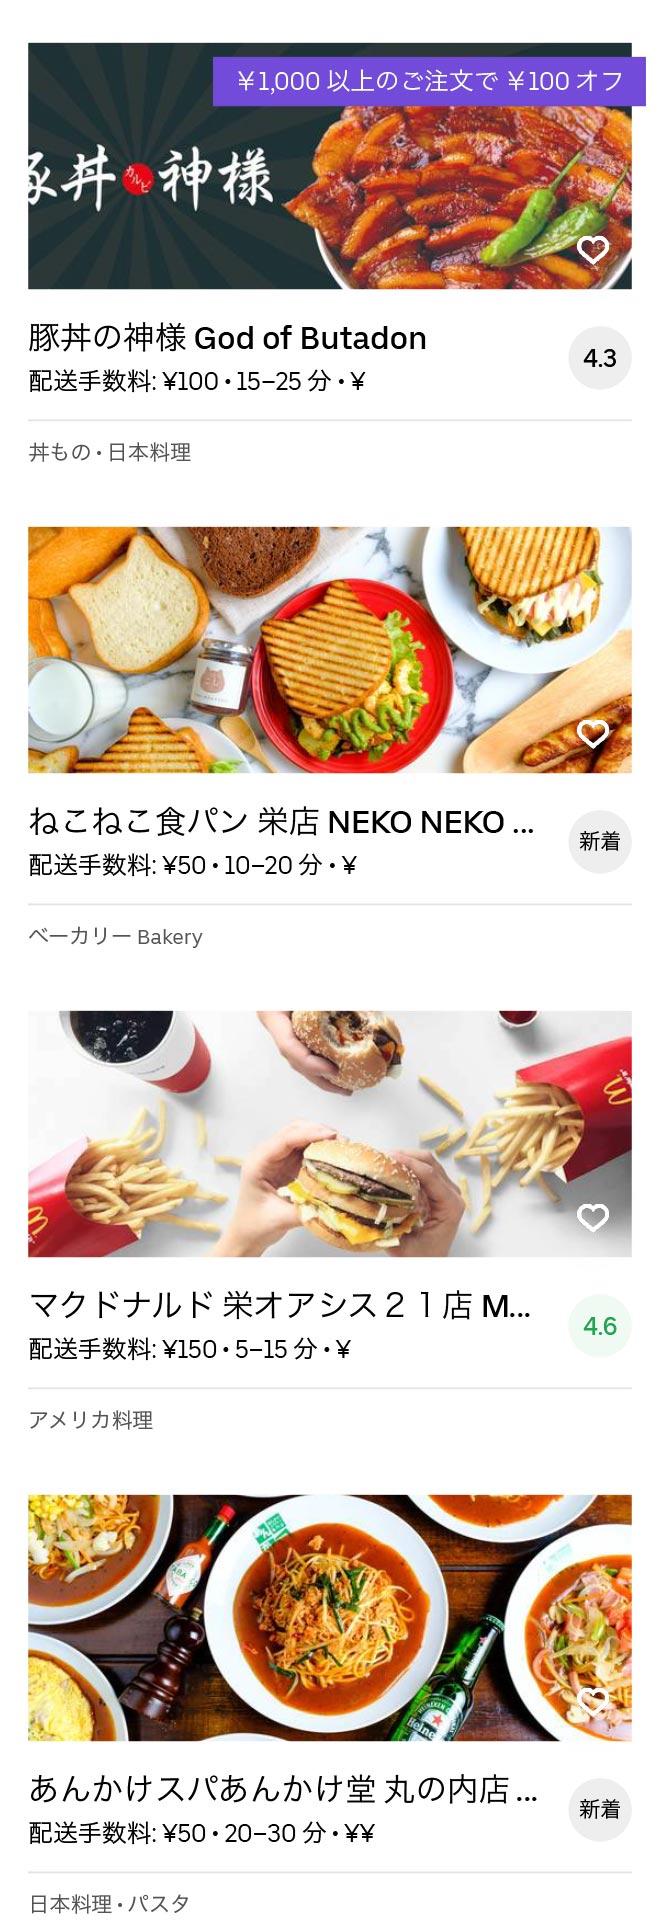 Nagoya sakae menu 2005 03